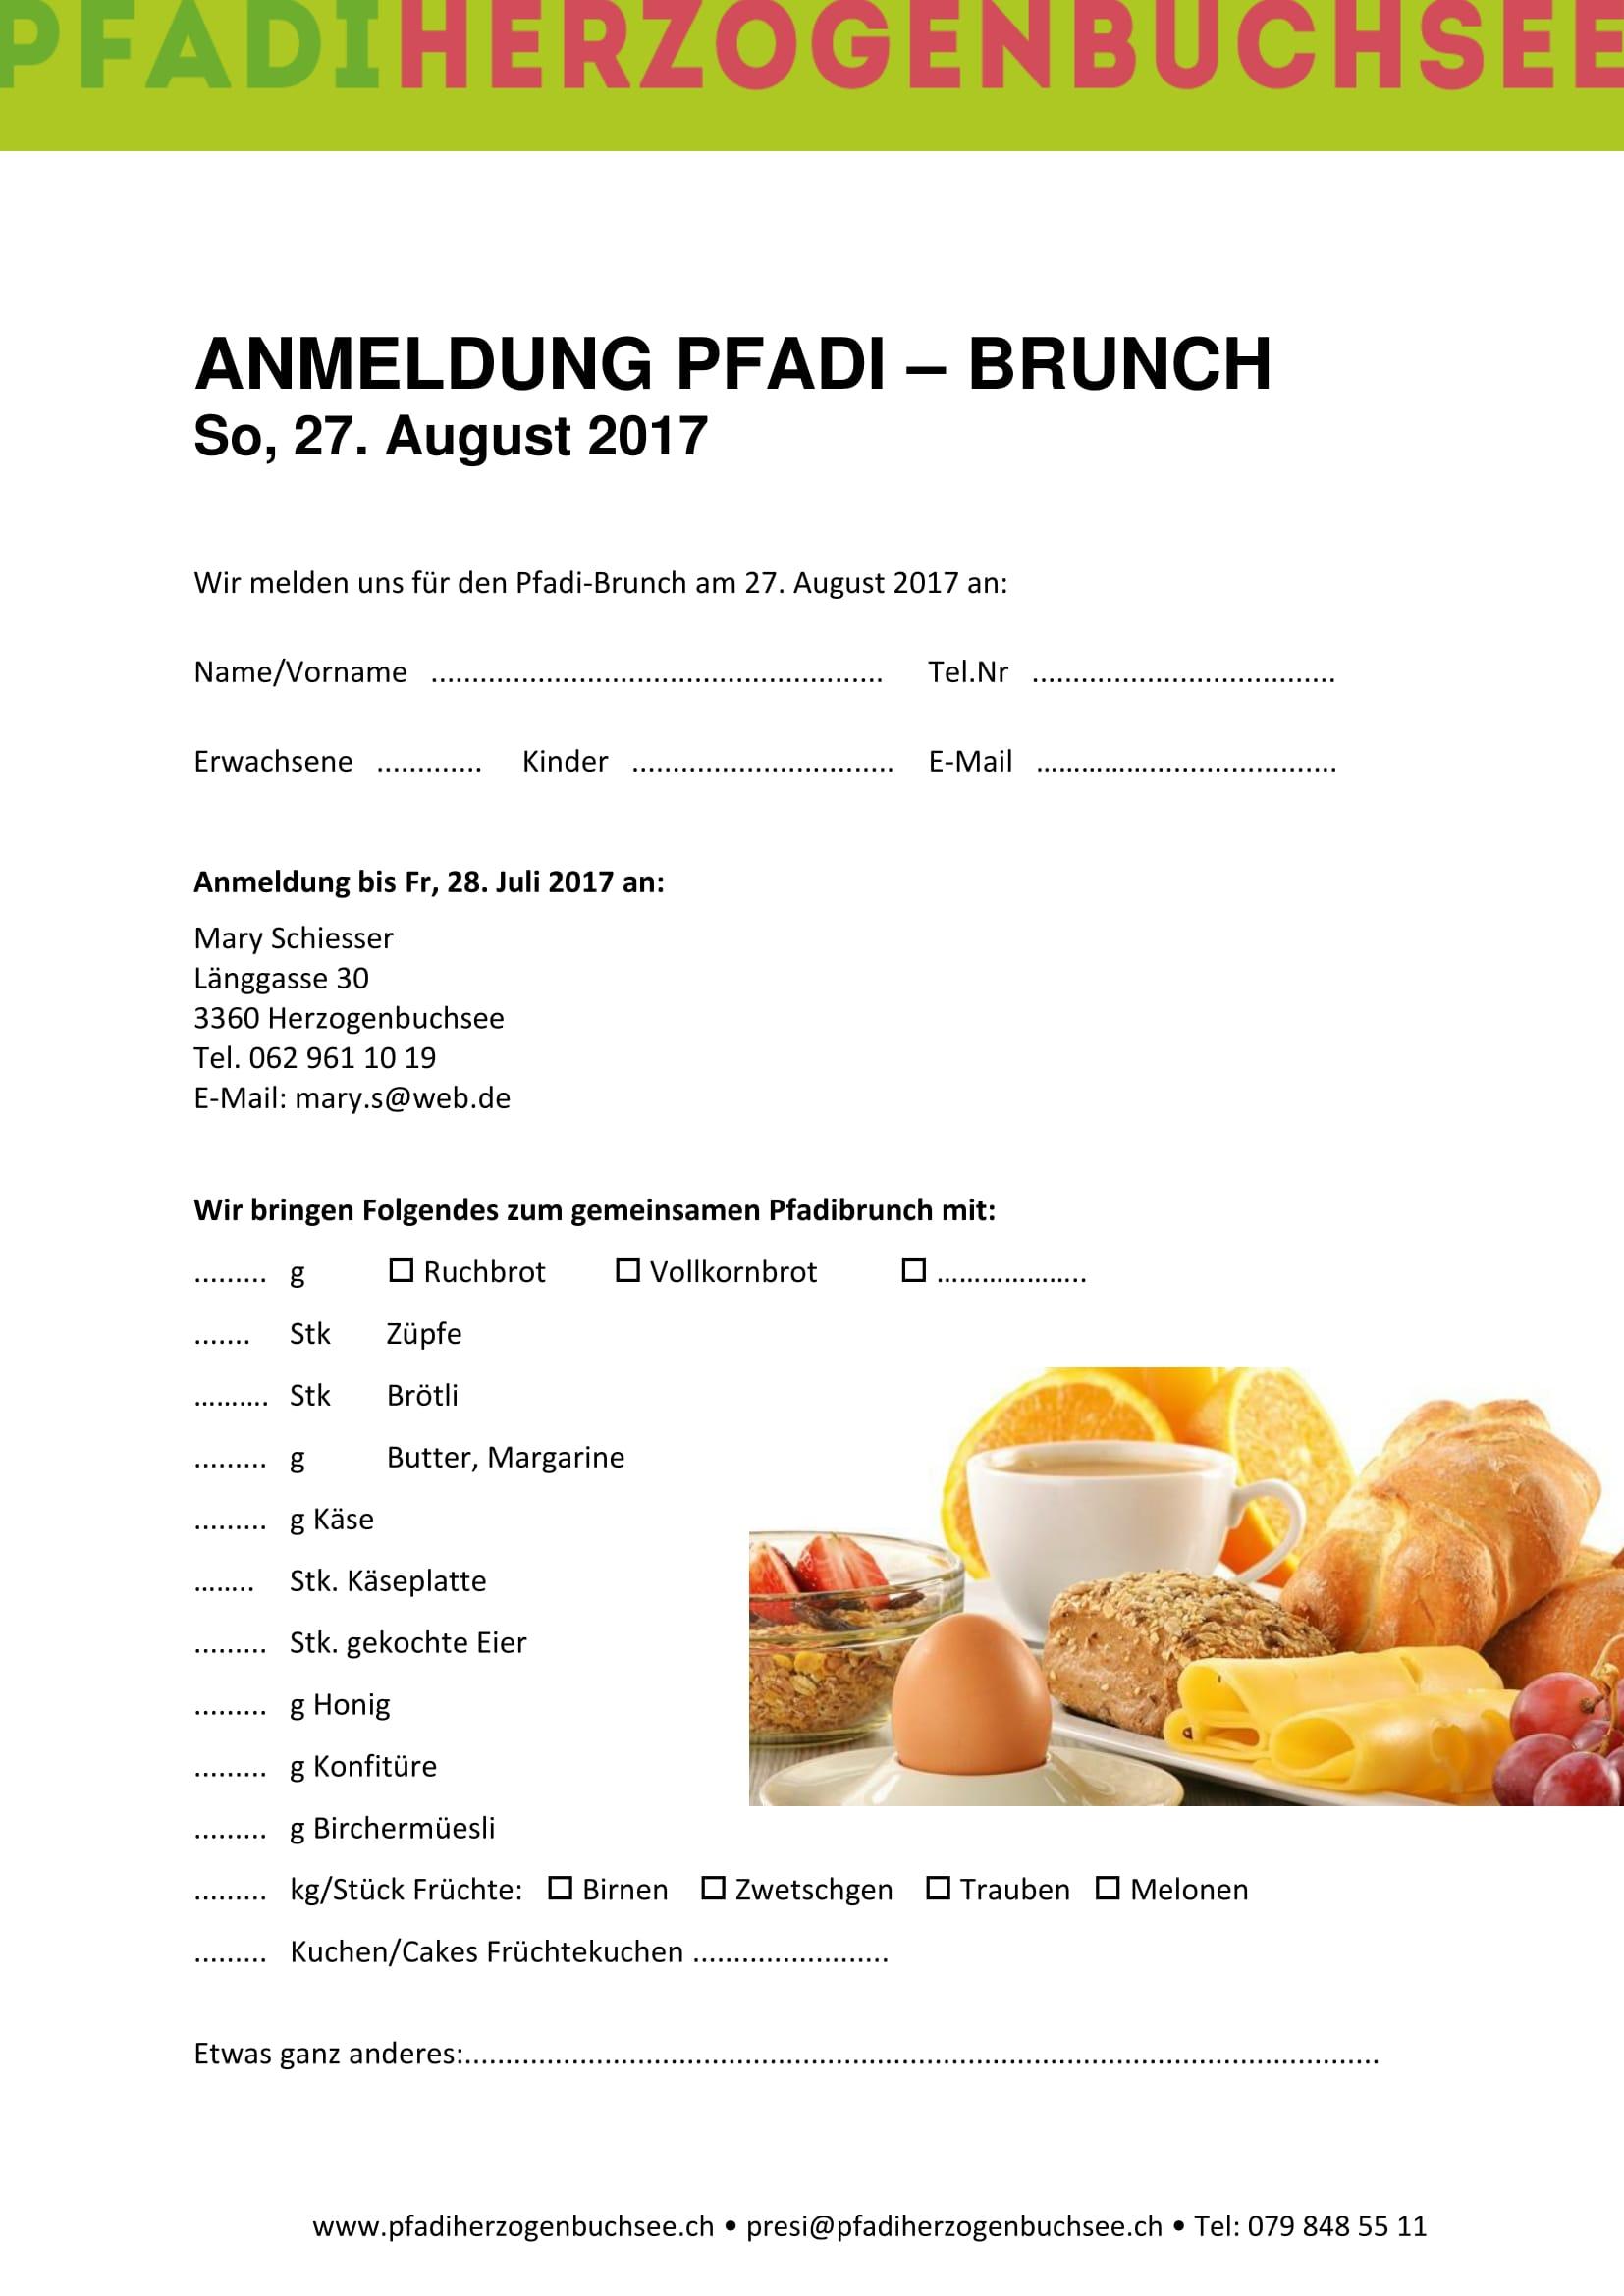 einladung pfadi-brunch 27.08.17 – komm vorbei! – pfadi herzogenbuchsee, Einladung